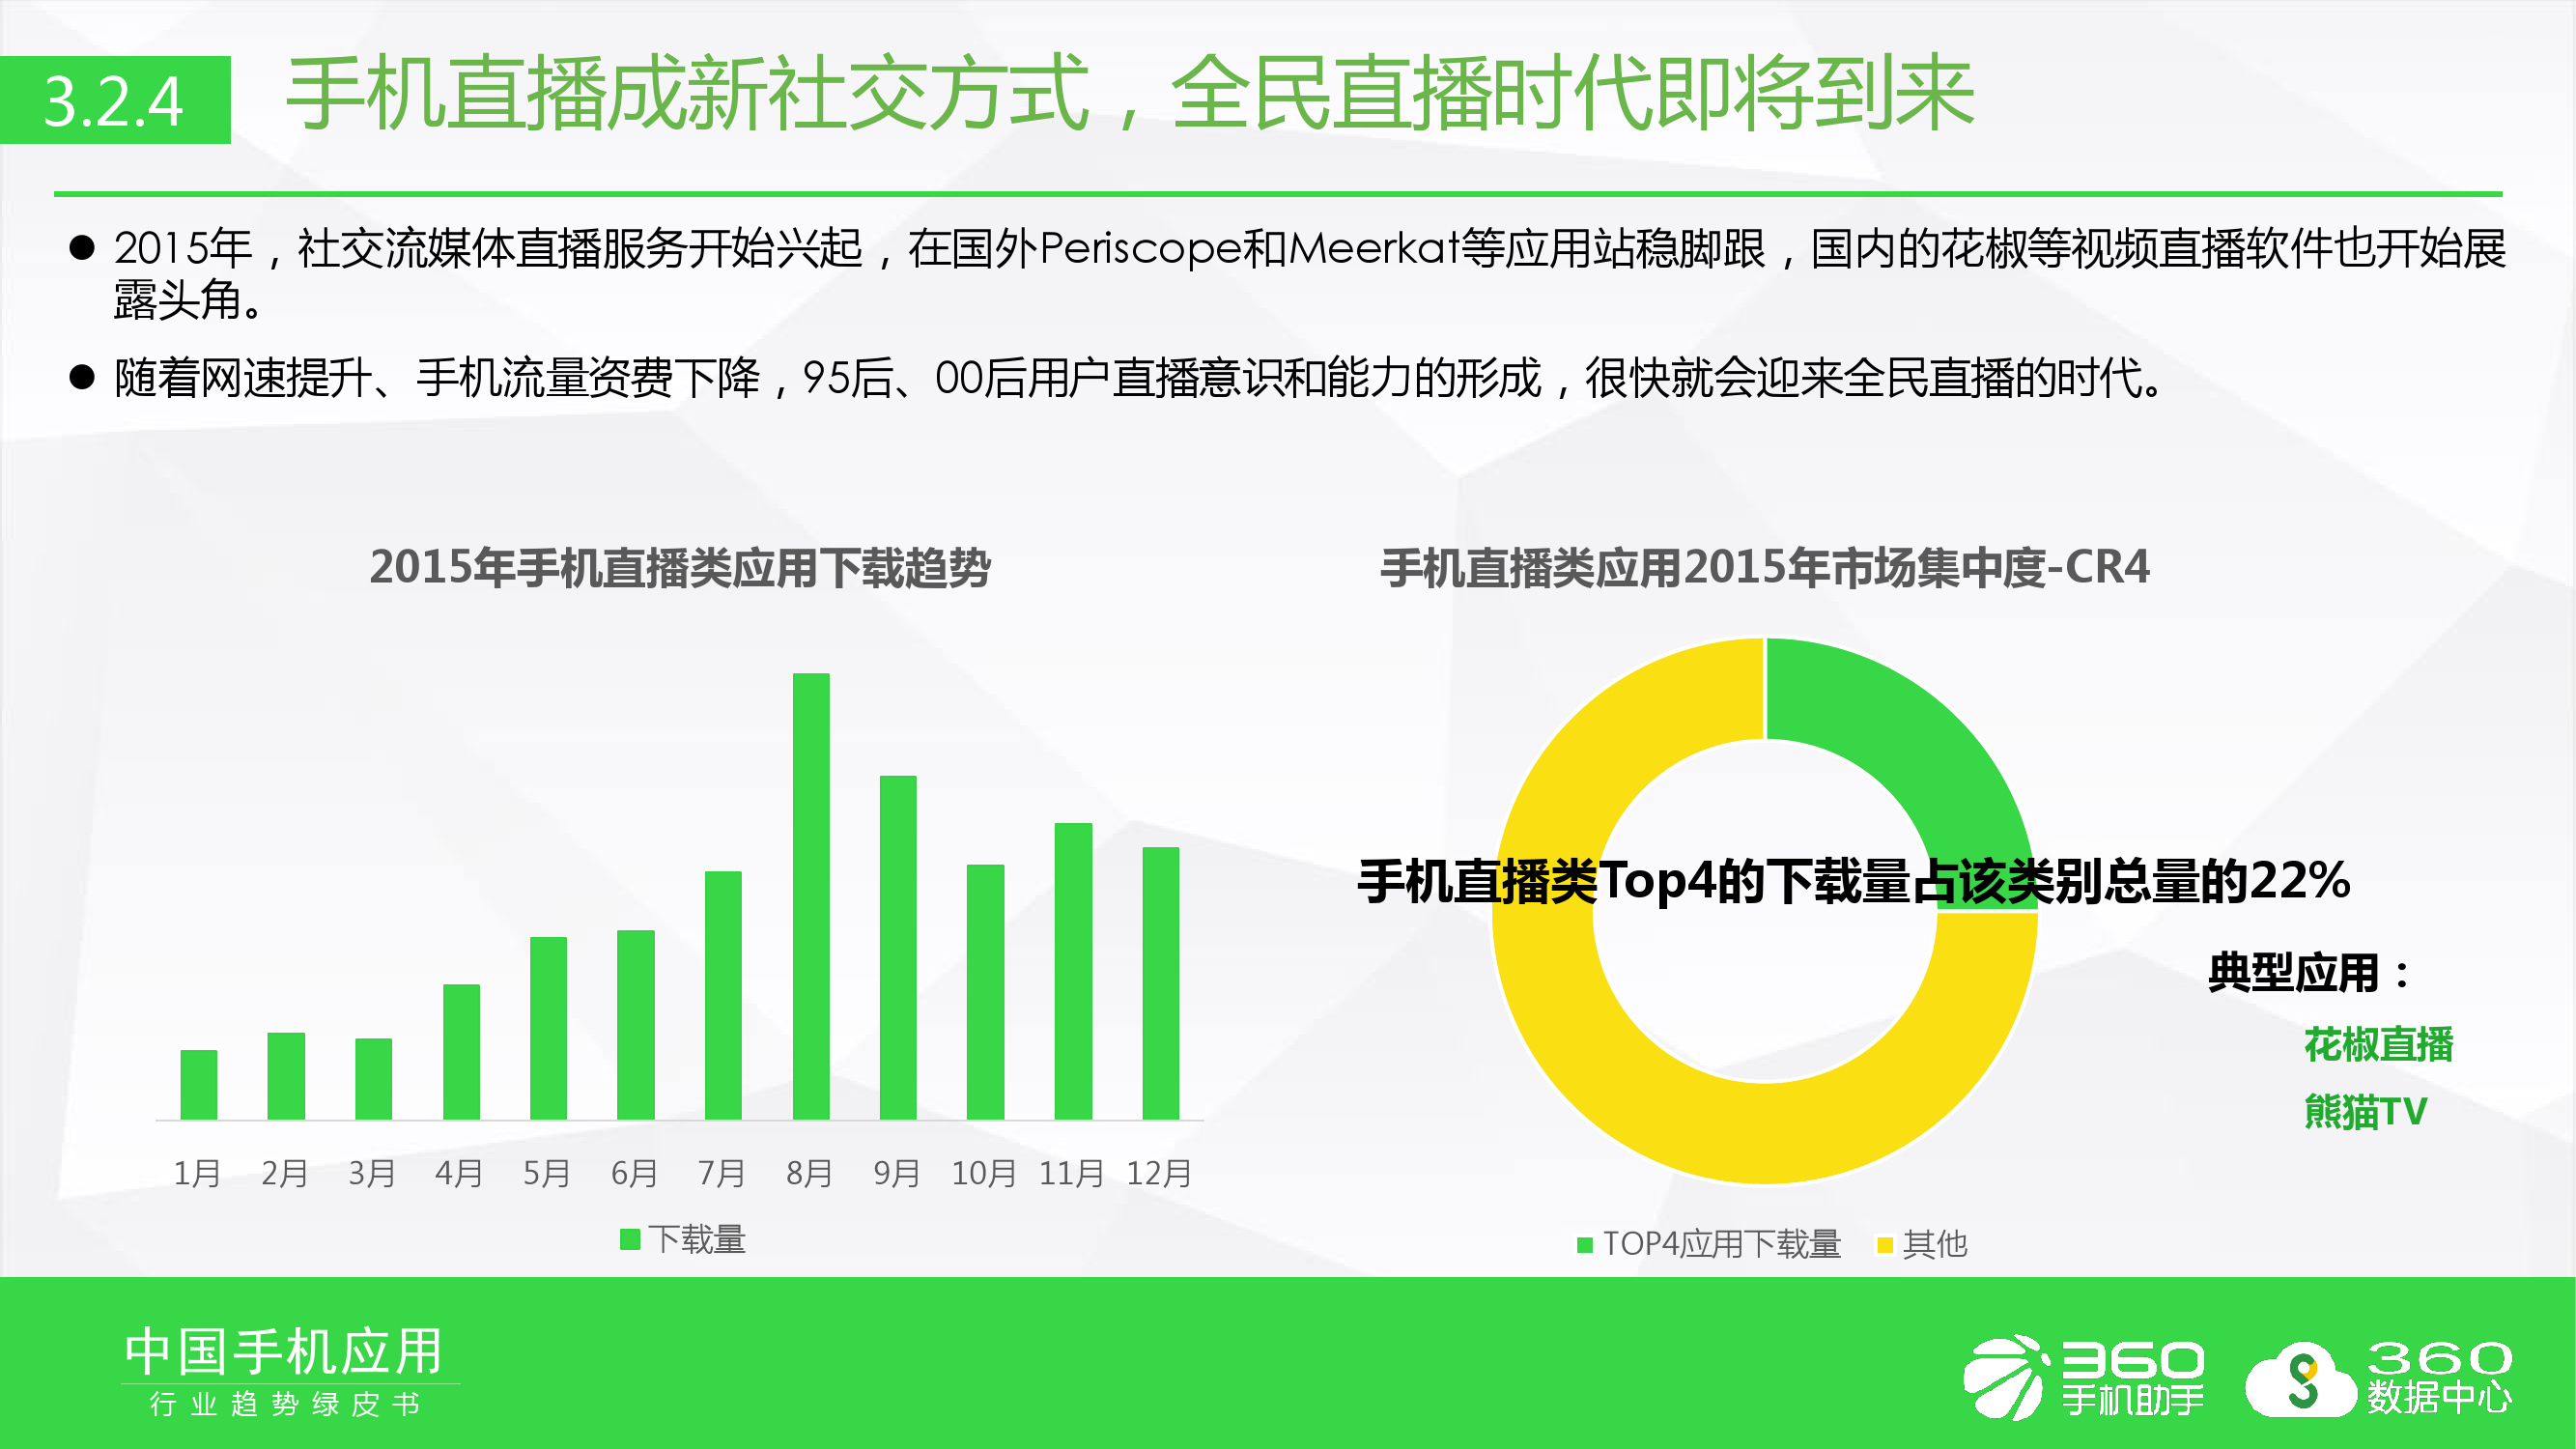 2016年手机软件行业趋势绿皮书_000031